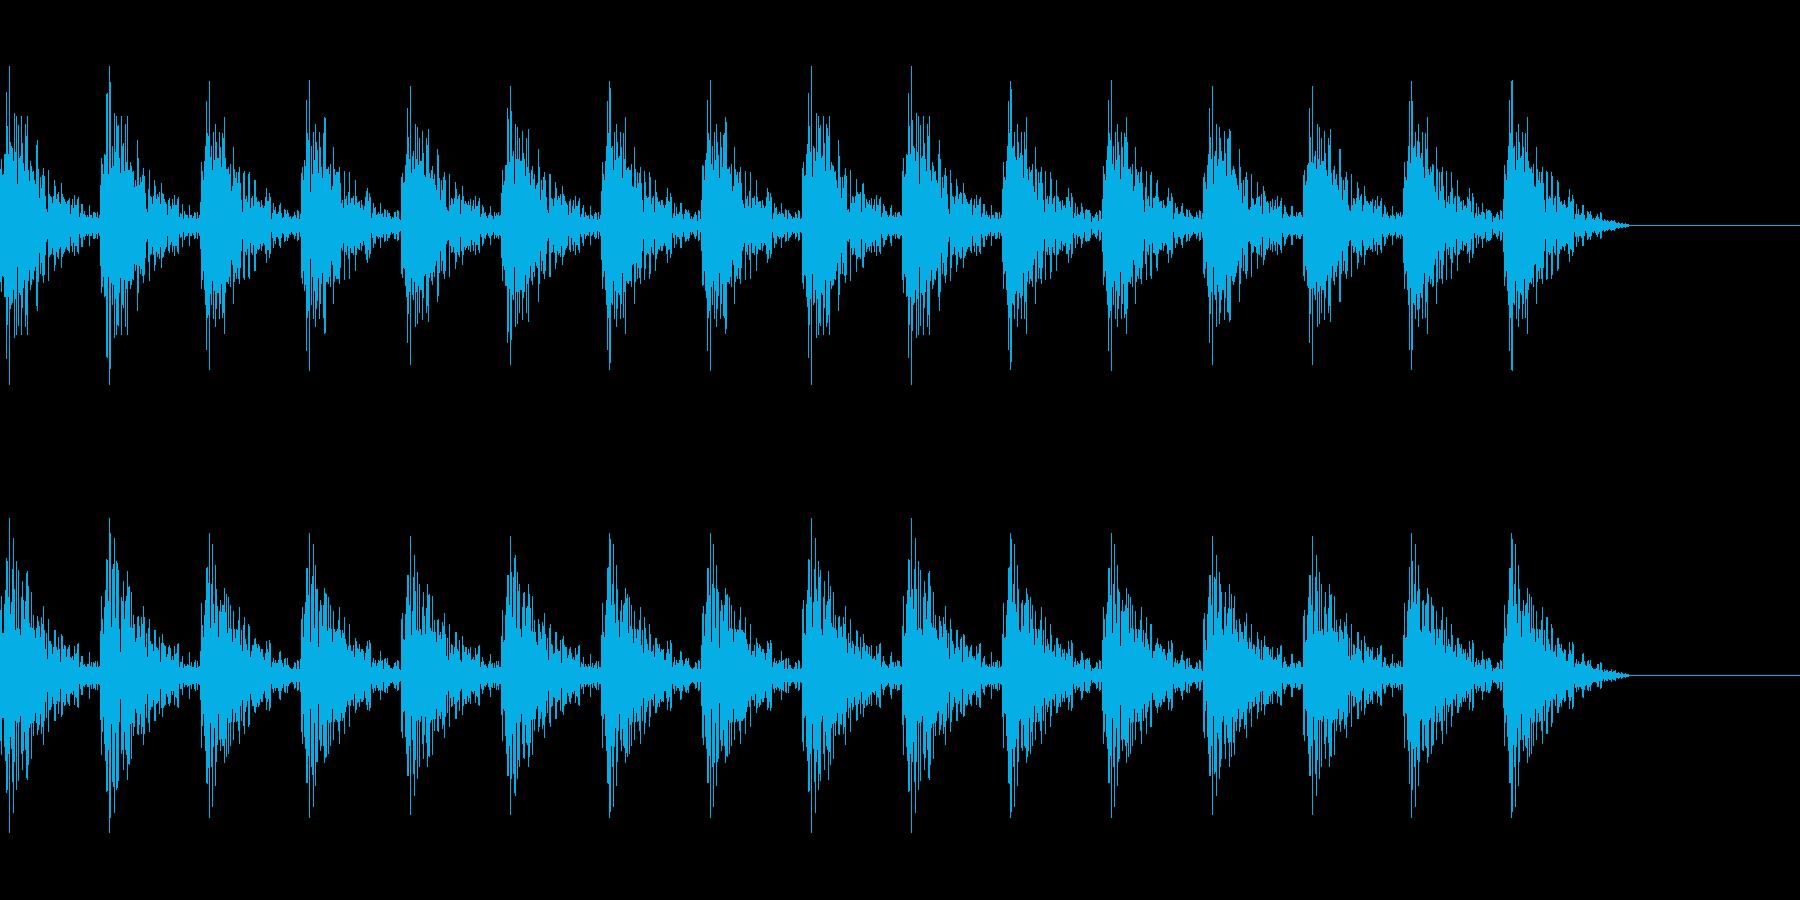 どんどん(巨人、速歩き)A13の再生済みの波形